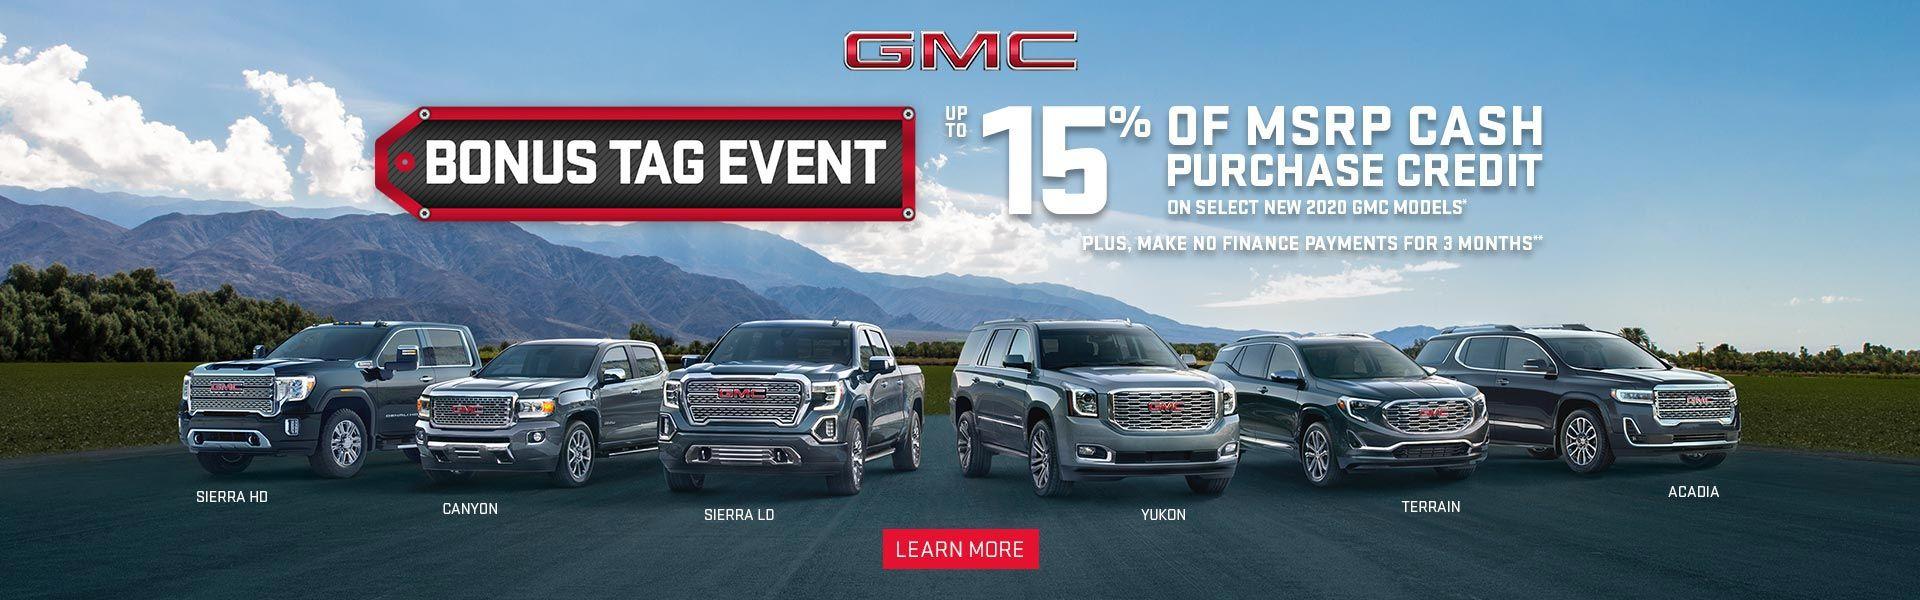 Bonus Tag Event on GMC Vehicles